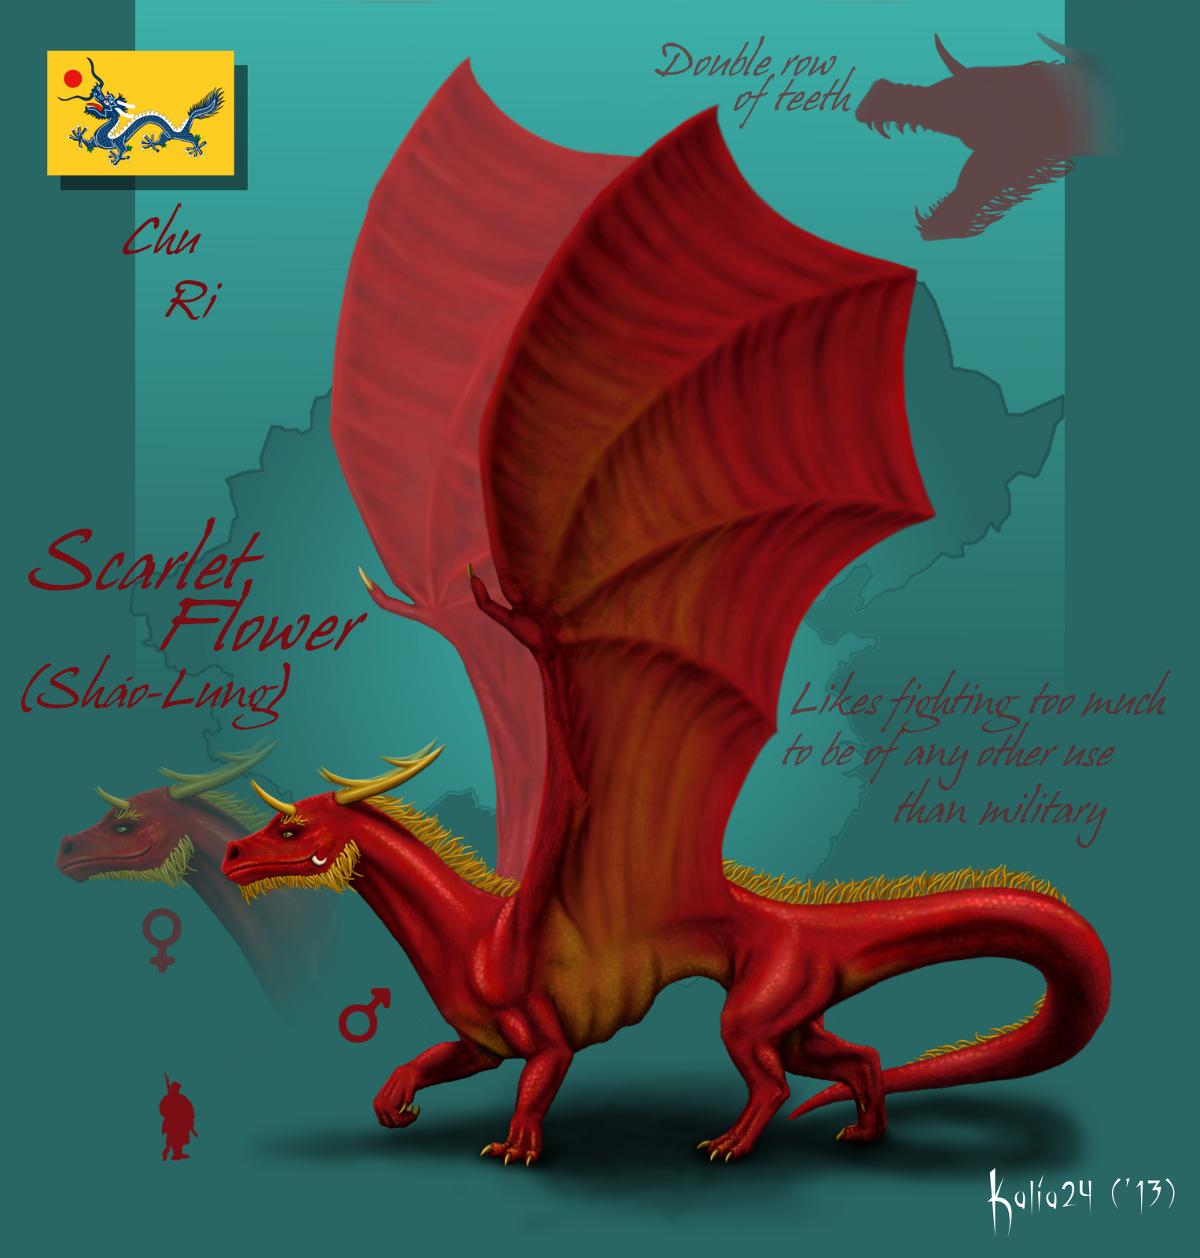 Scarlet Flower by Kalia24